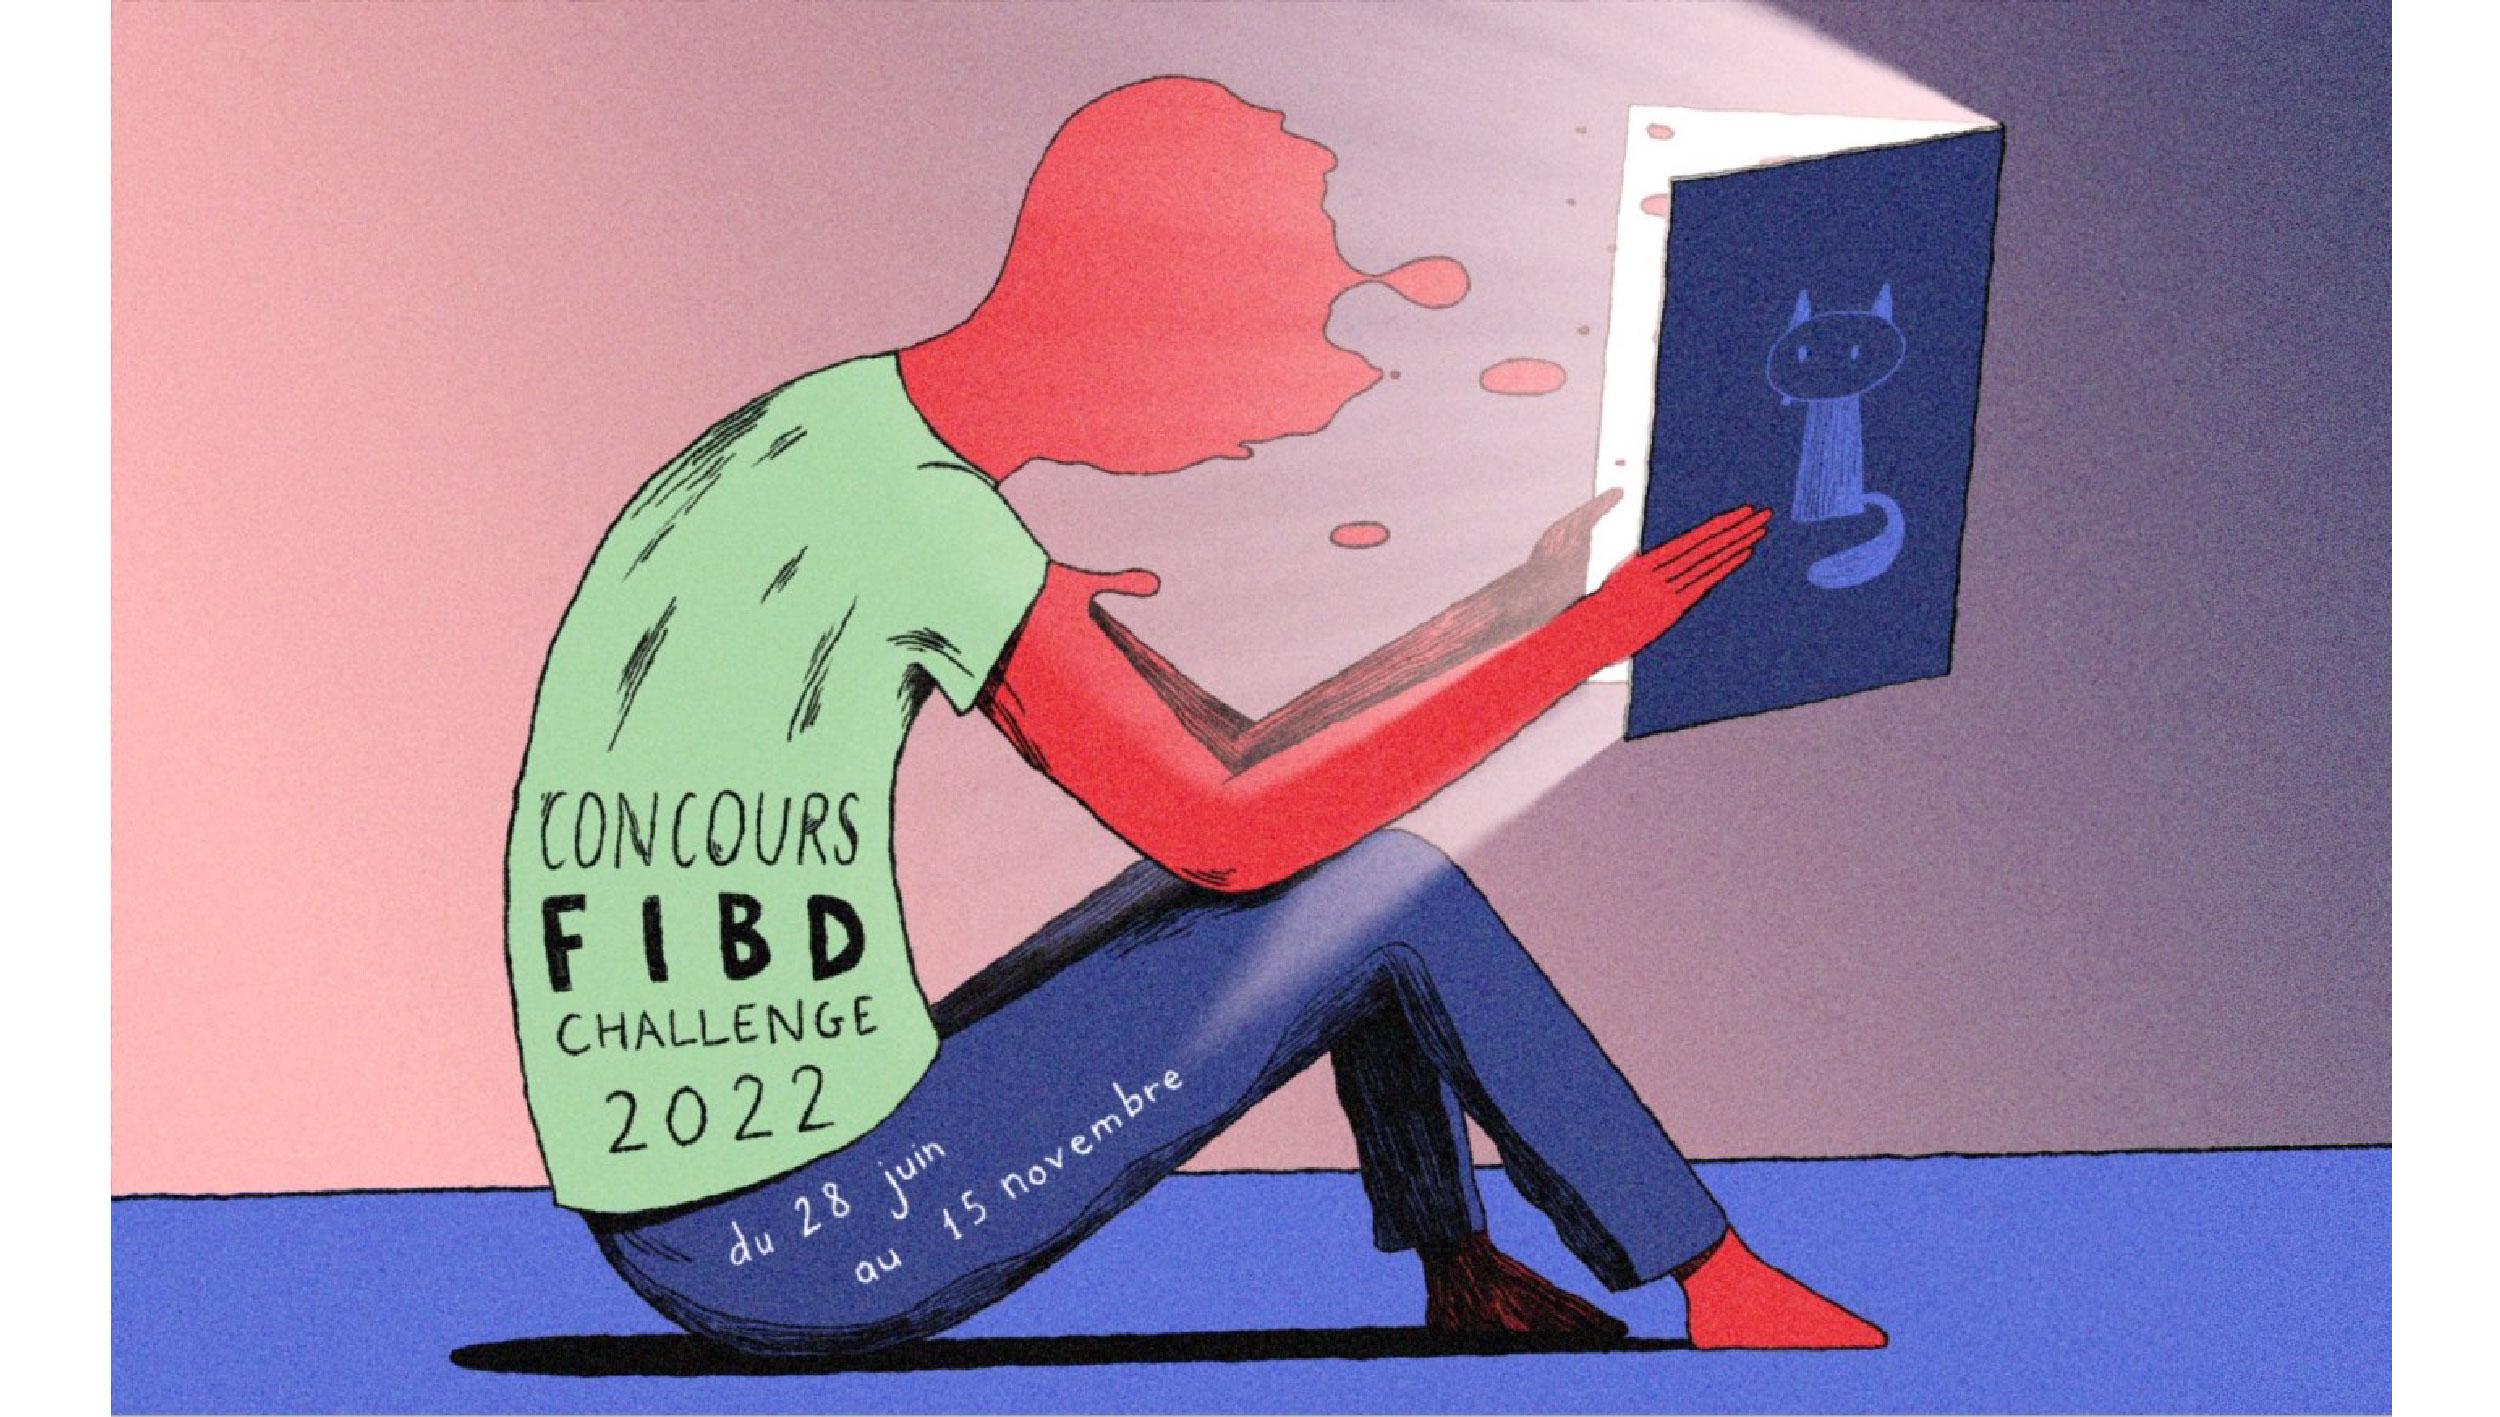 法國安古蘭國際漫畫節:2022年度數位漫畫競賽,徵件辦法